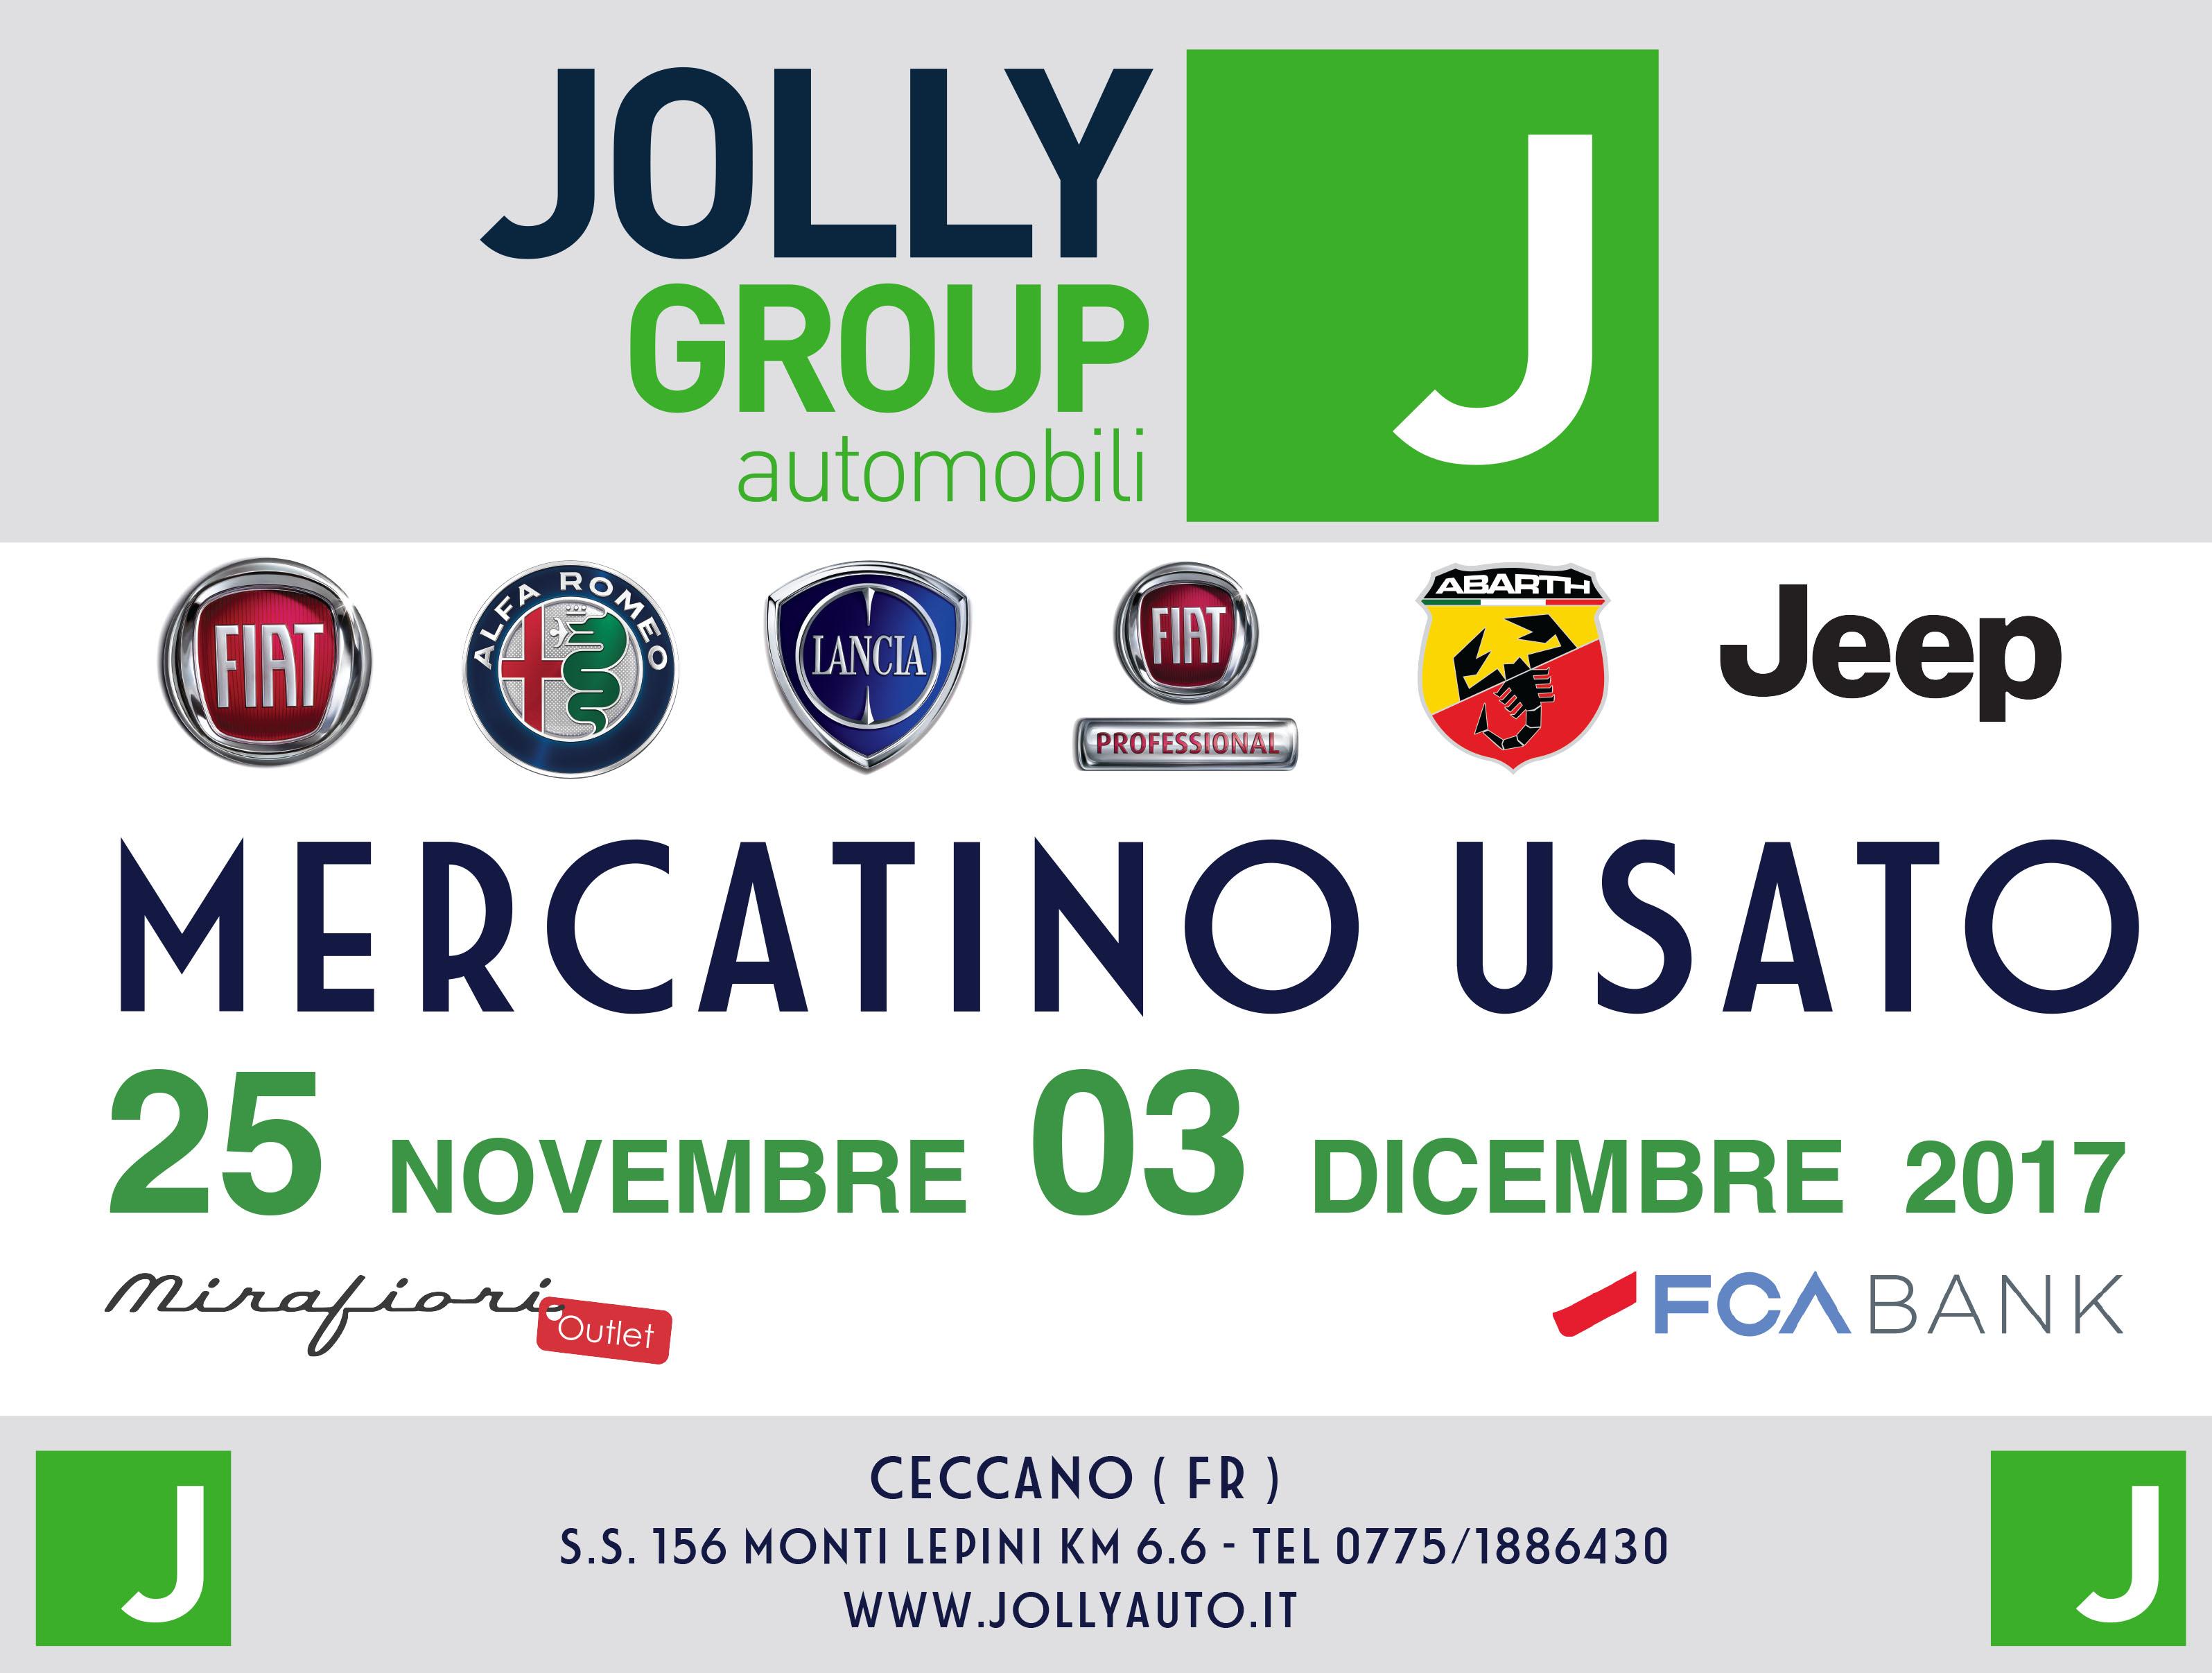 Mercatino usato jolly group automobili for Mercatino usato frosinone